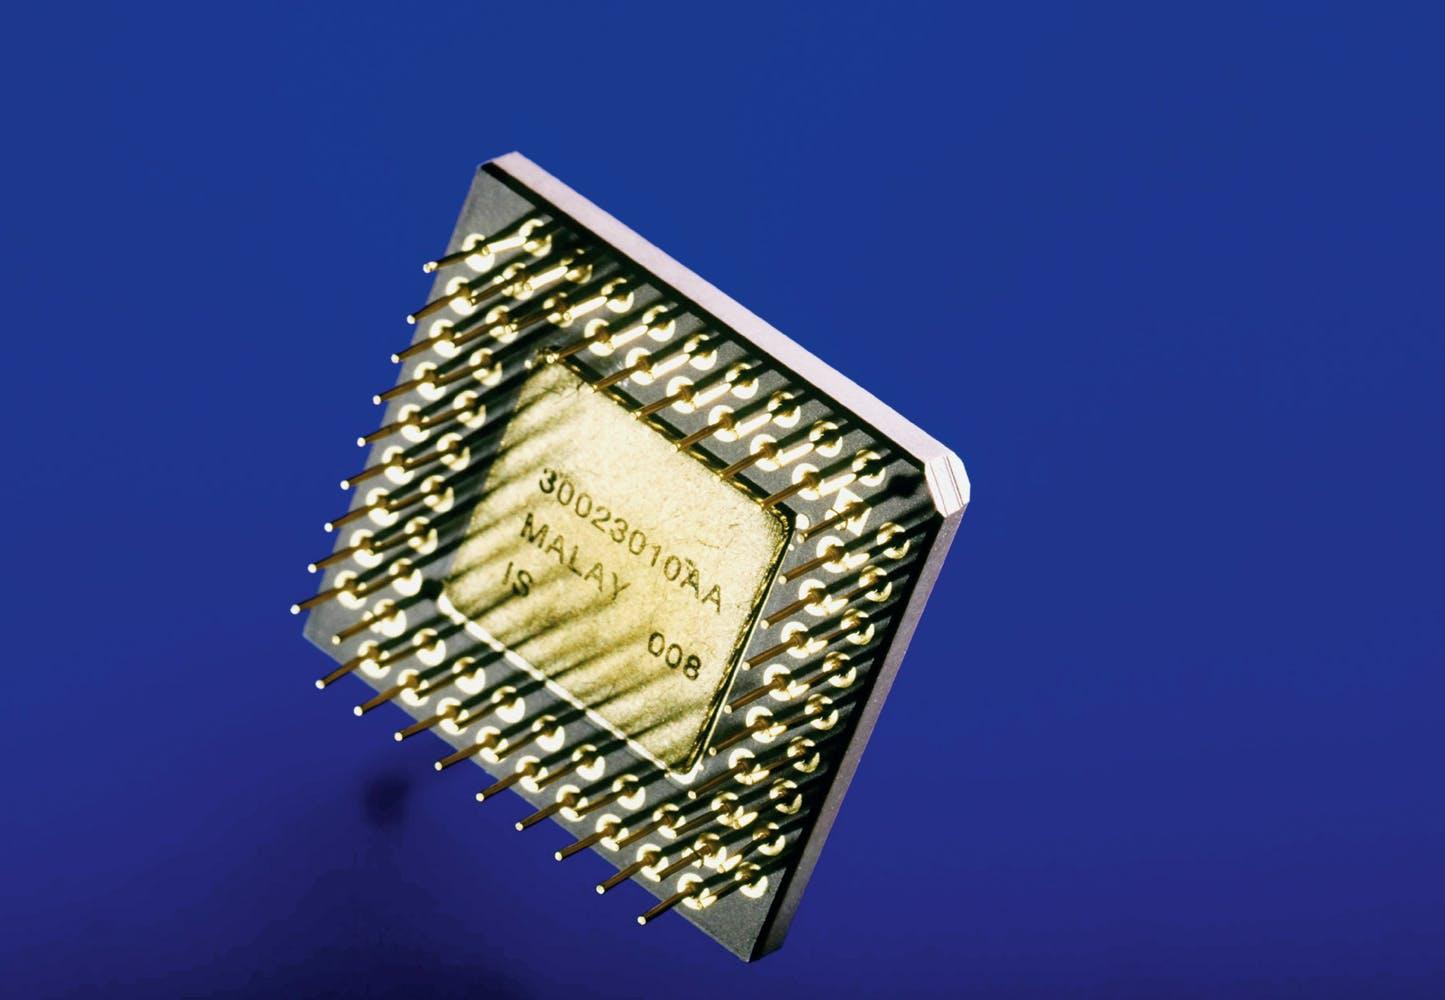 den forste datamaskinen